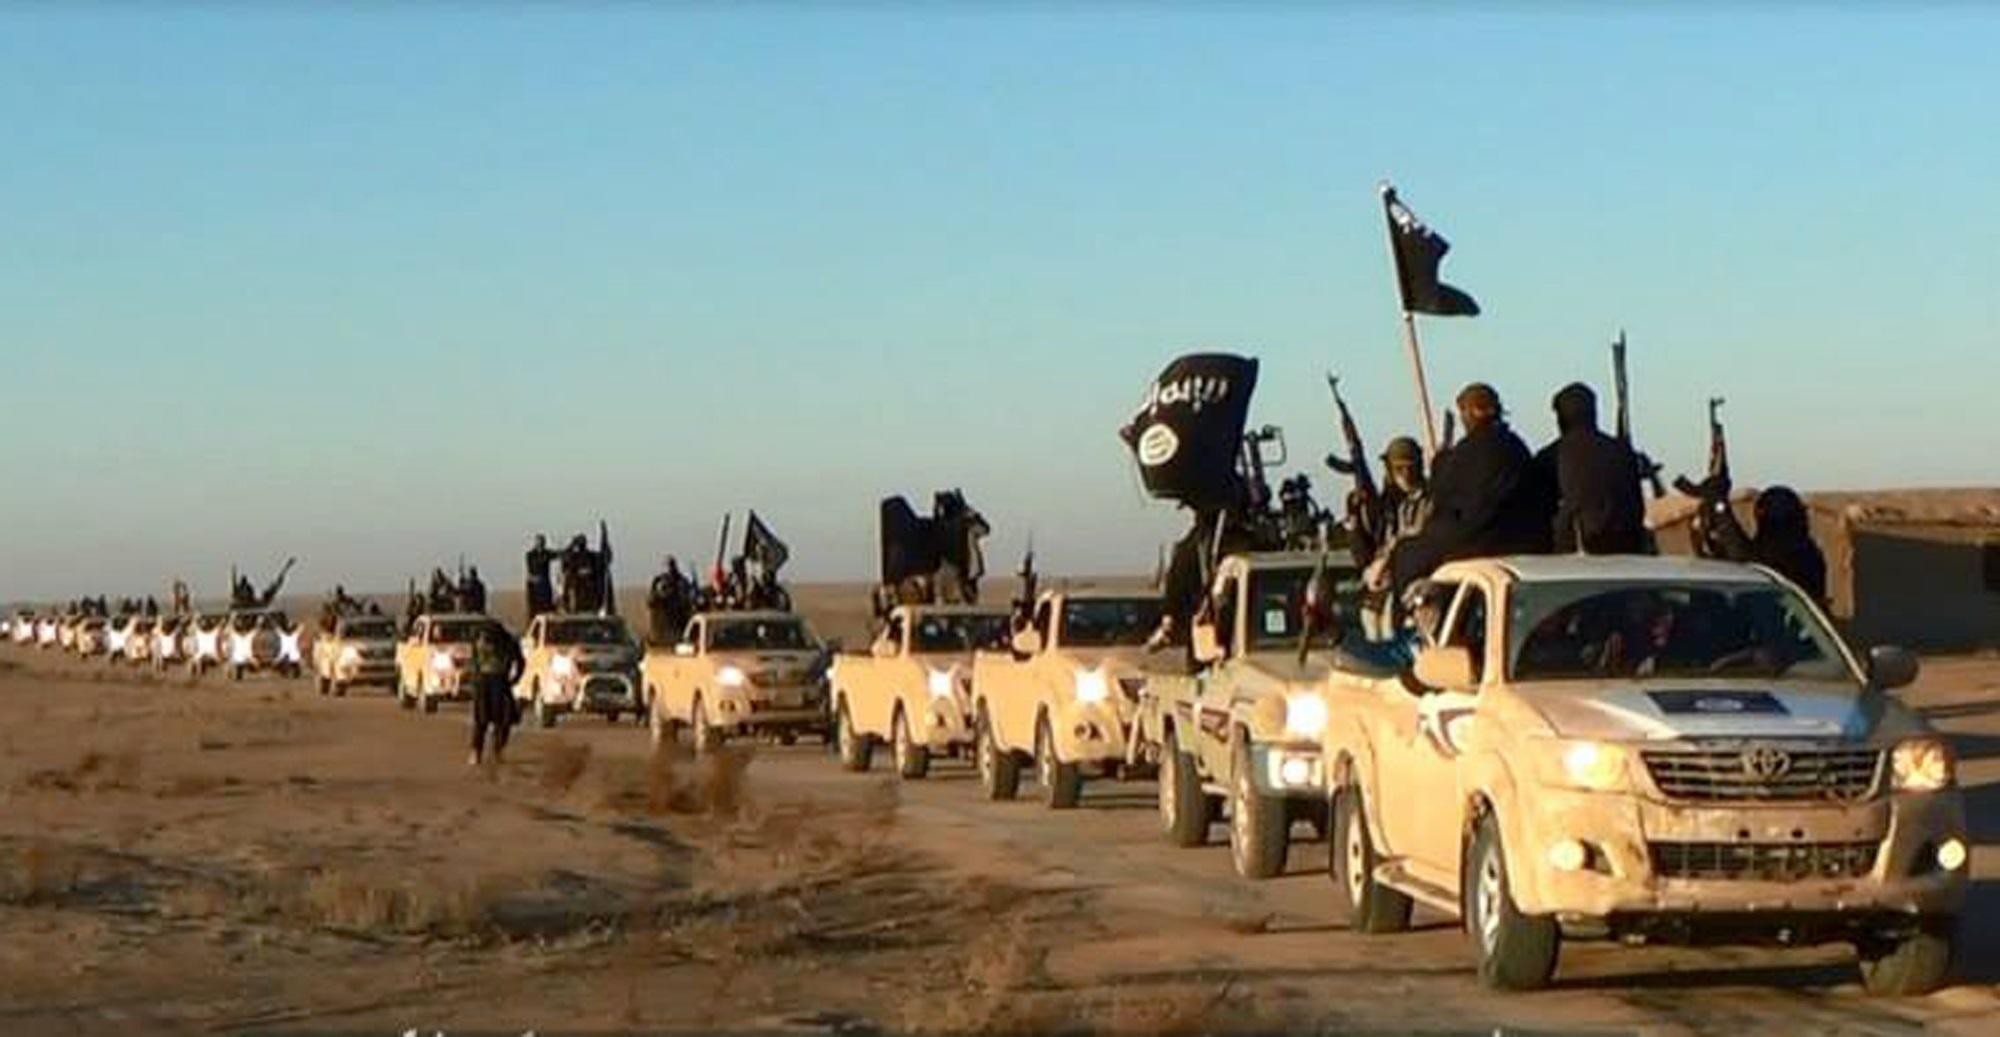 هشدار دادستان کل فرانسه درباره بازگشت تروریست ها از سوریه و عراق